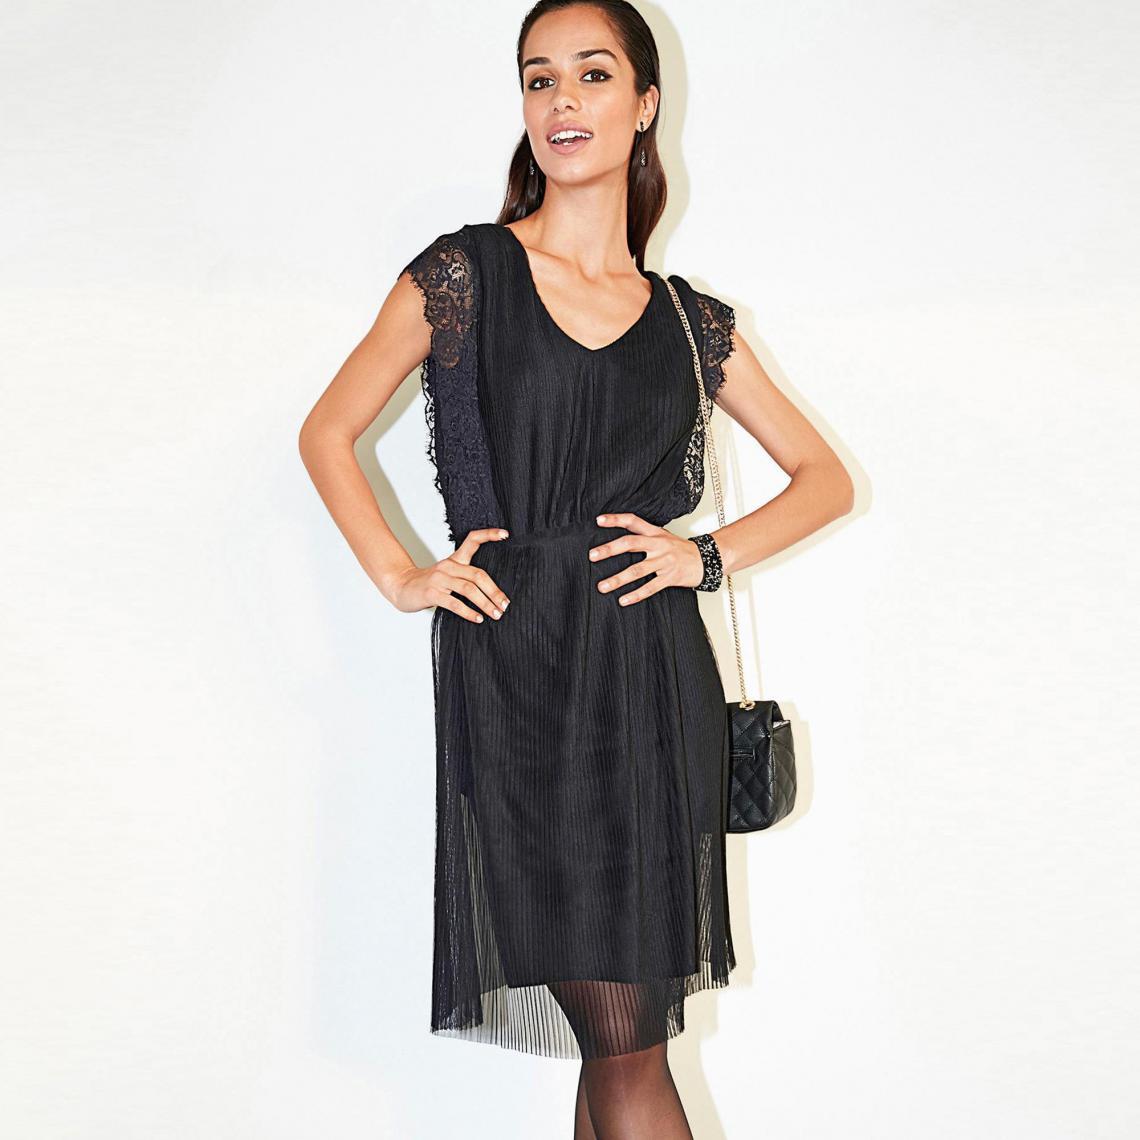 Robe courte sans manche plissée et dentelle - Noir - 3 SUISSES - Modalova